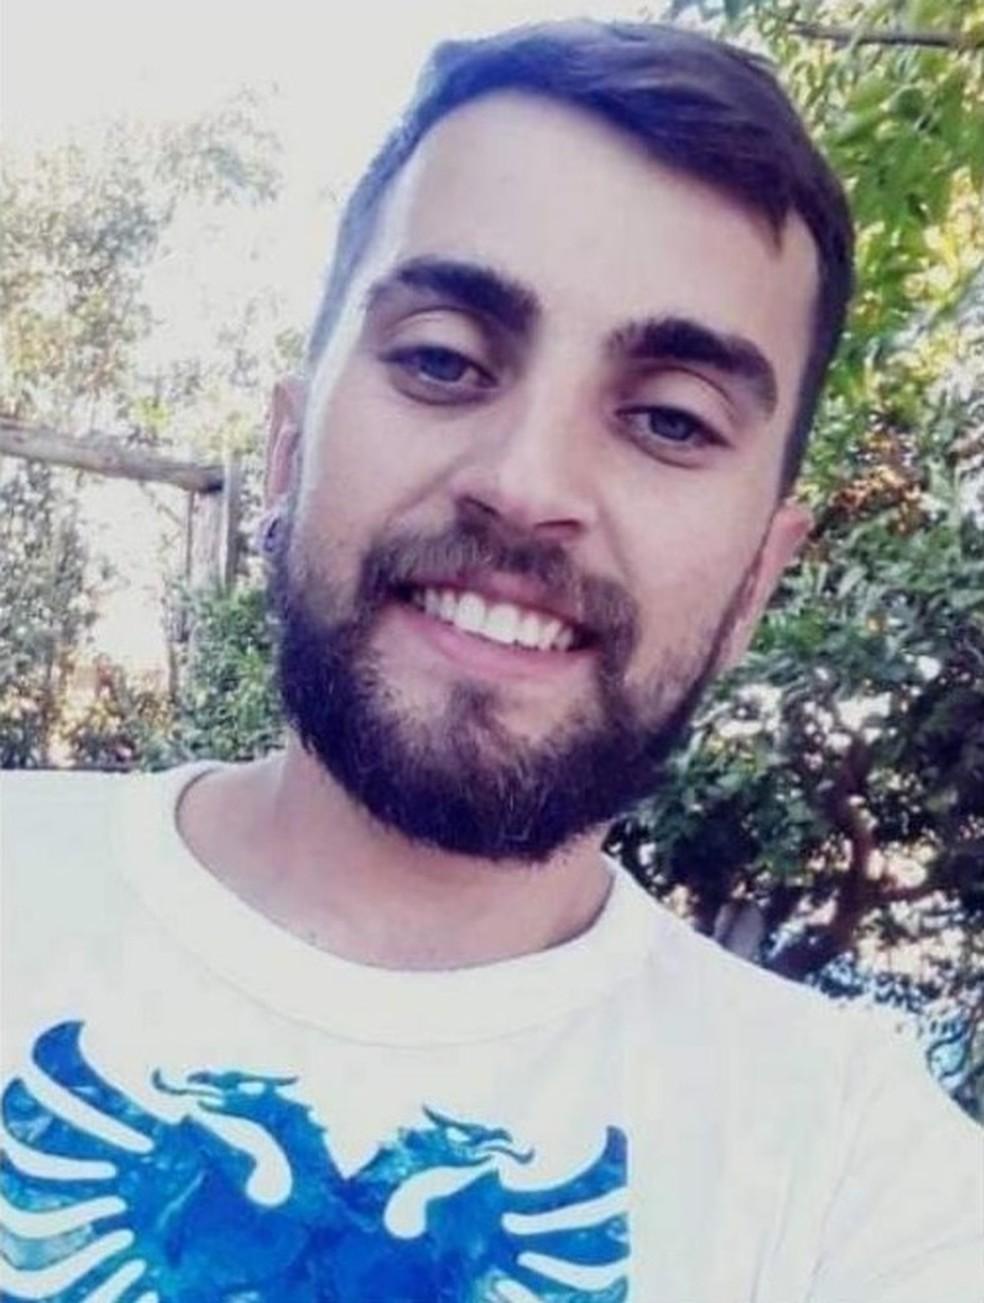 Micael Rossi Ortiz é um dos suspeitos do crime, segundo a polícia — Foto: Divulgação/Polícia Civil